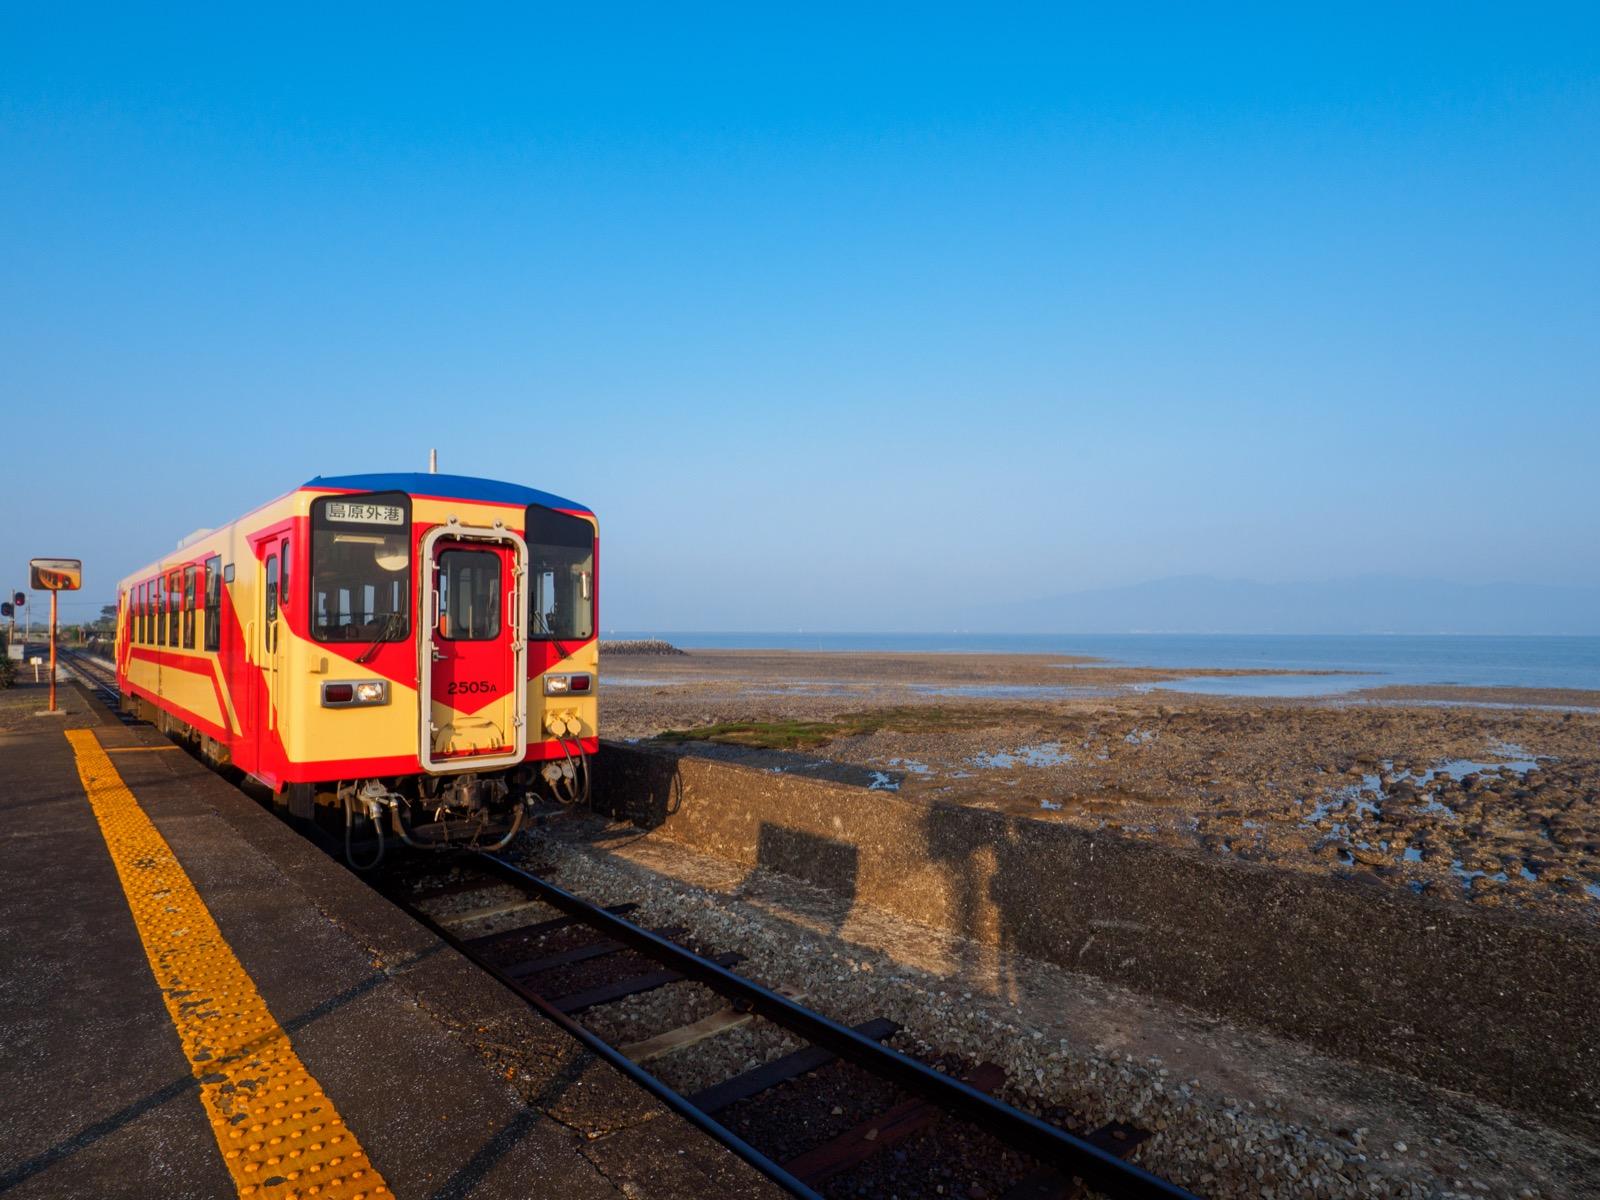 古部駅に到着する「赤パンツ」塗装の車両